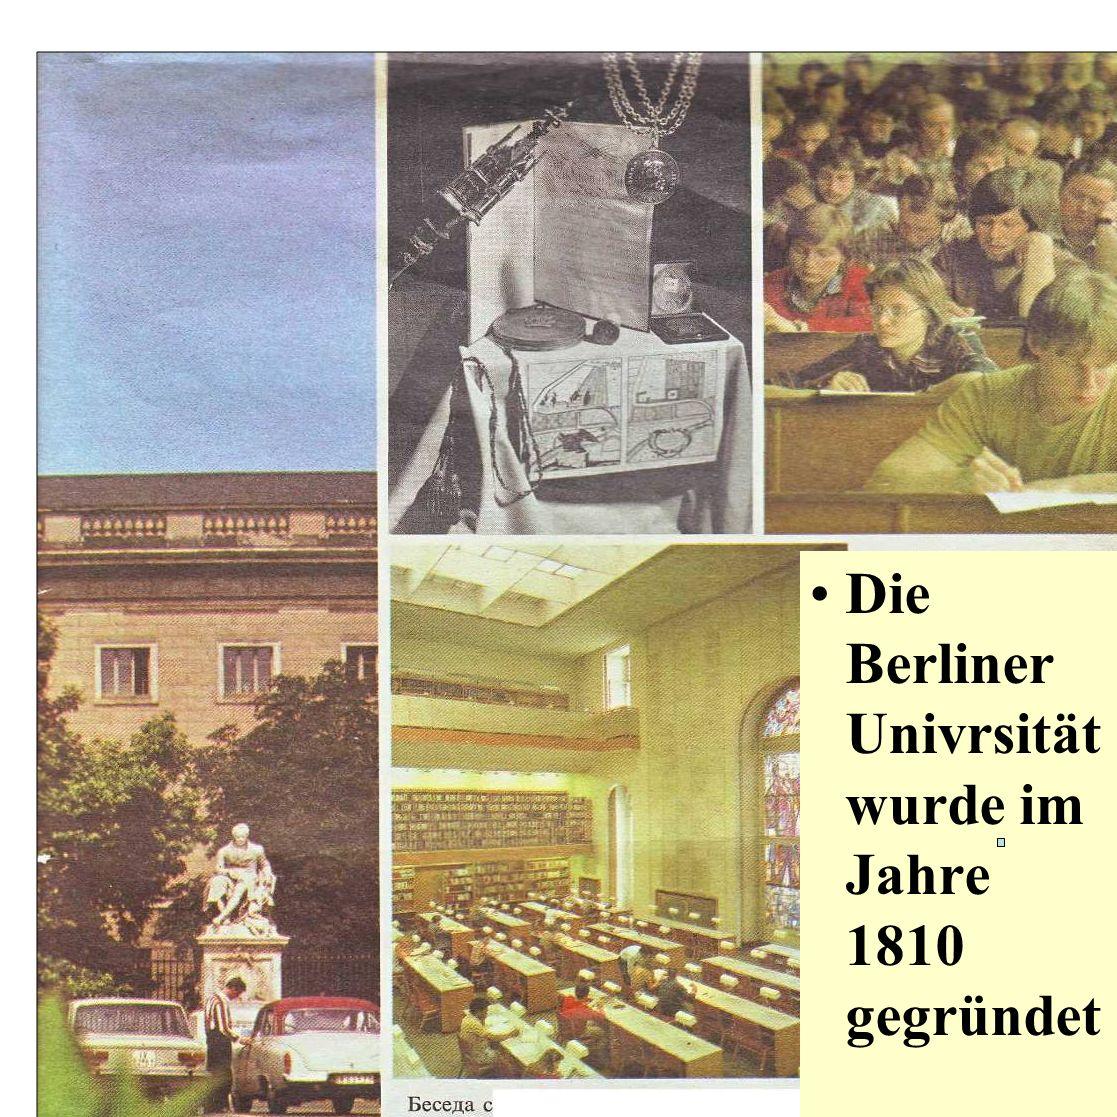 Die Berliner Univrsität wurde im Jahre 1810 gegründet